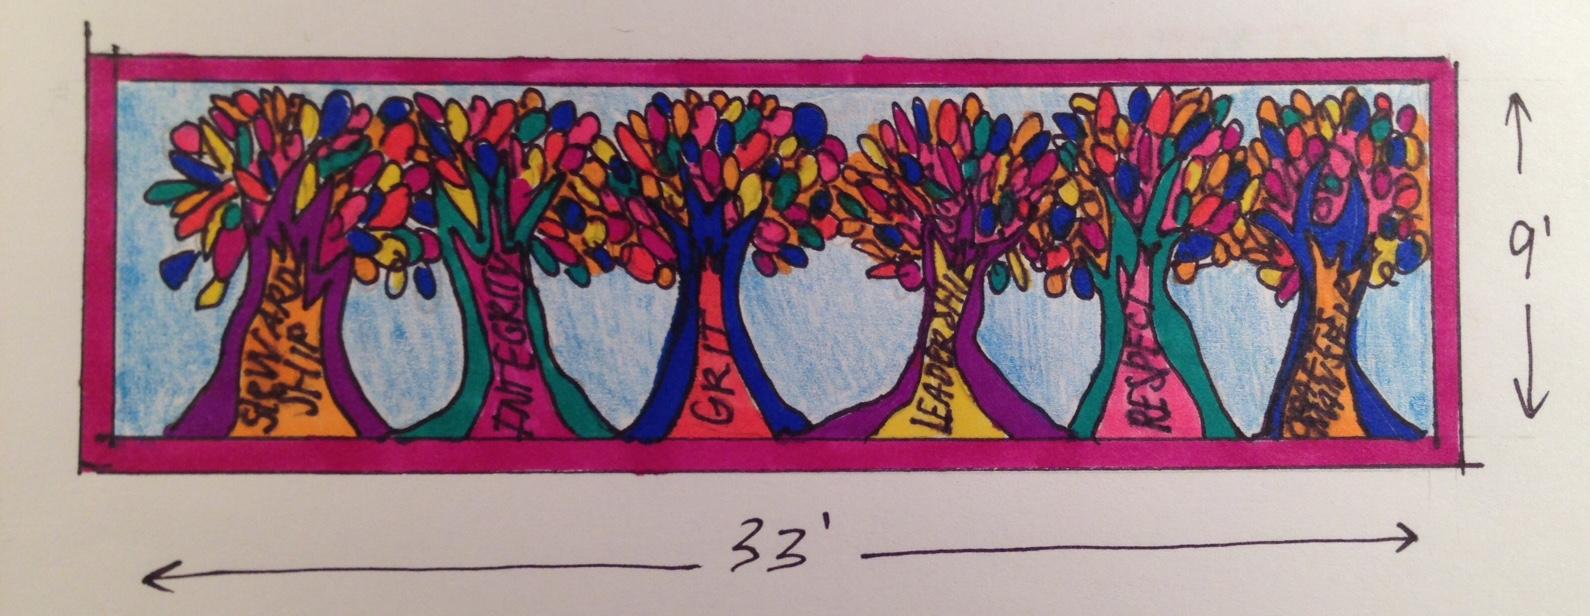 MES TREE MURAL sketch